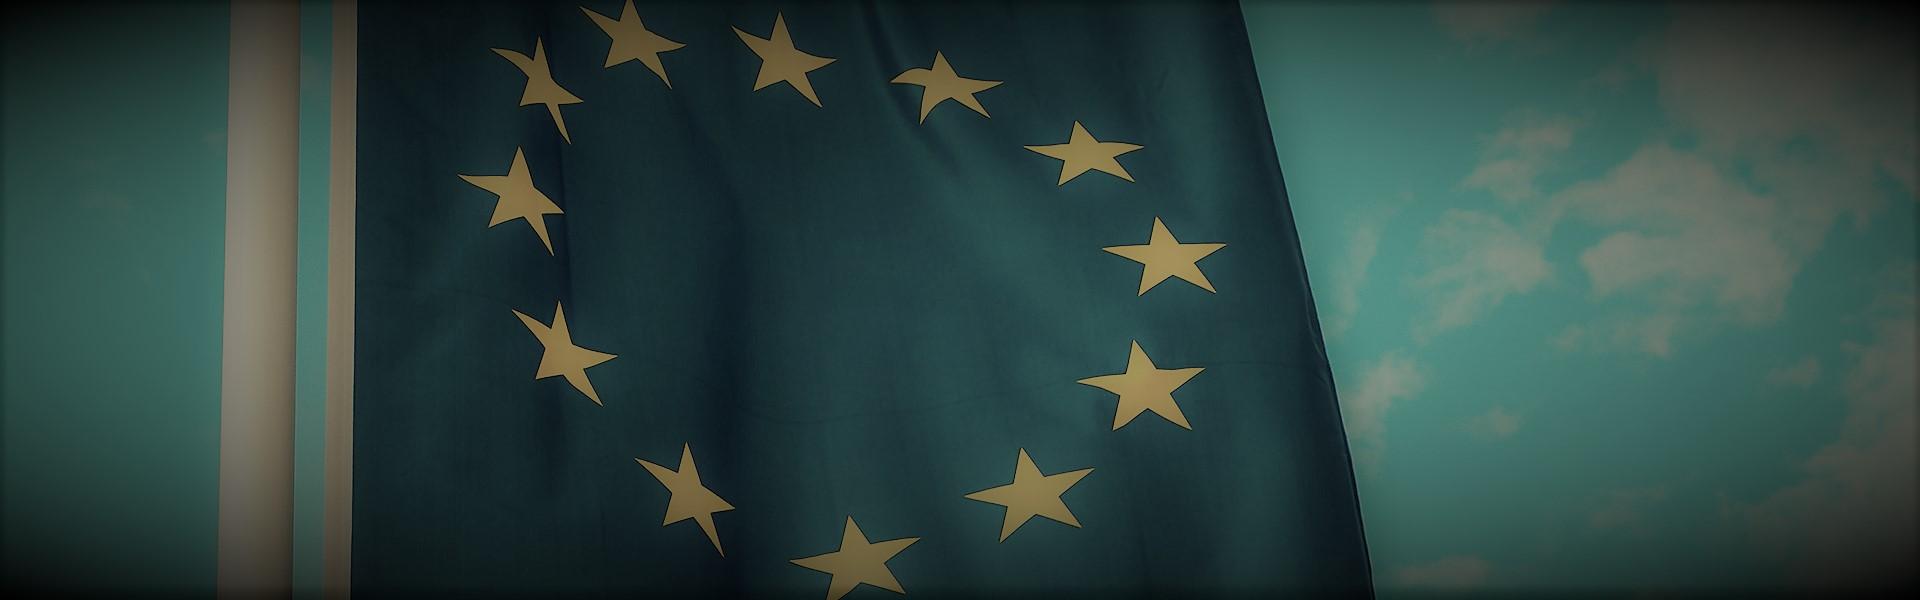 Midoco-Images-Europaeische-Pauschal-Reise-Richtlinien